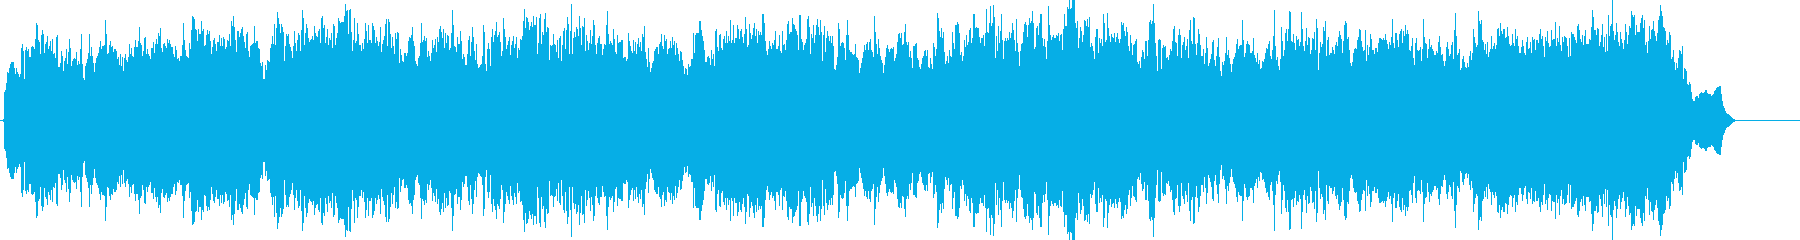 旋律が美しいバッハのコラール・カノンの再生済みの波形